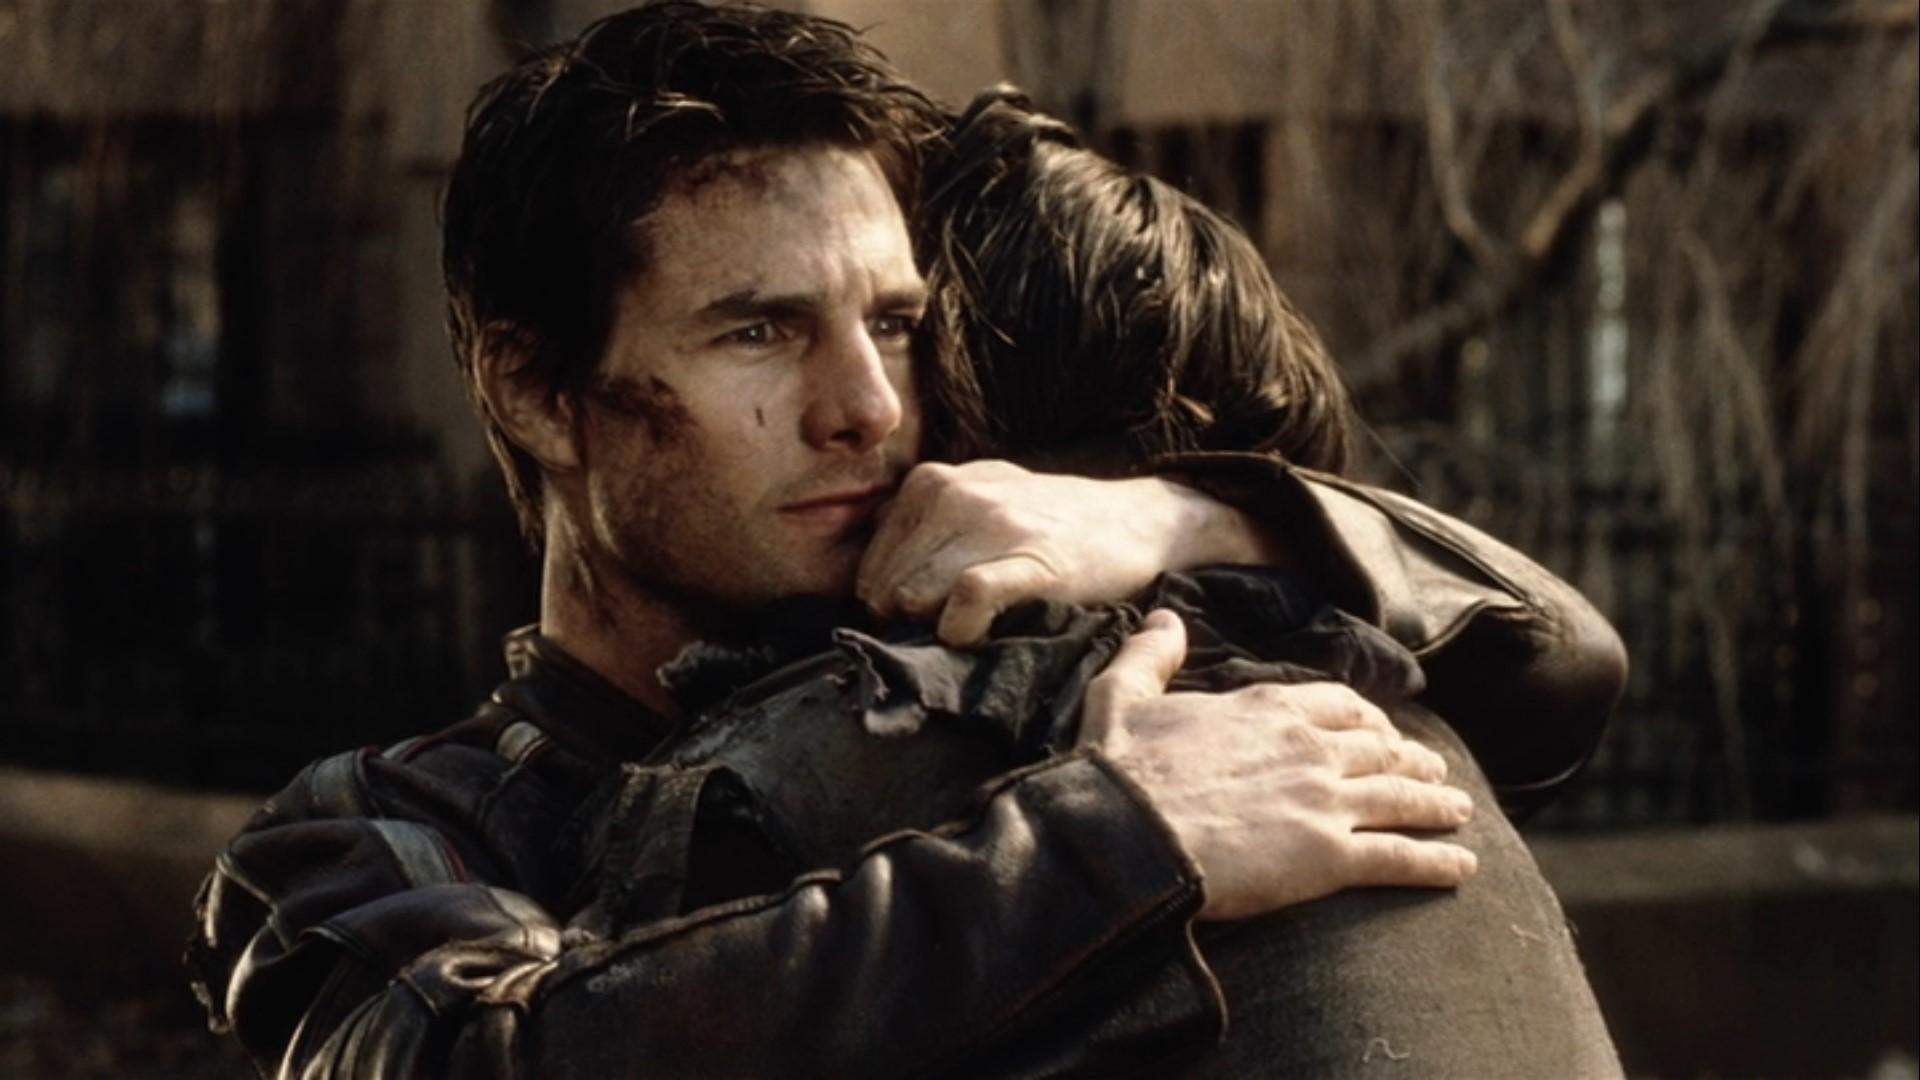 映画「宇宙戦争(2005)」感想。10回見ても全然飽きない: ロビーを力強く抱きしめるレイ(トム・クルーズ)